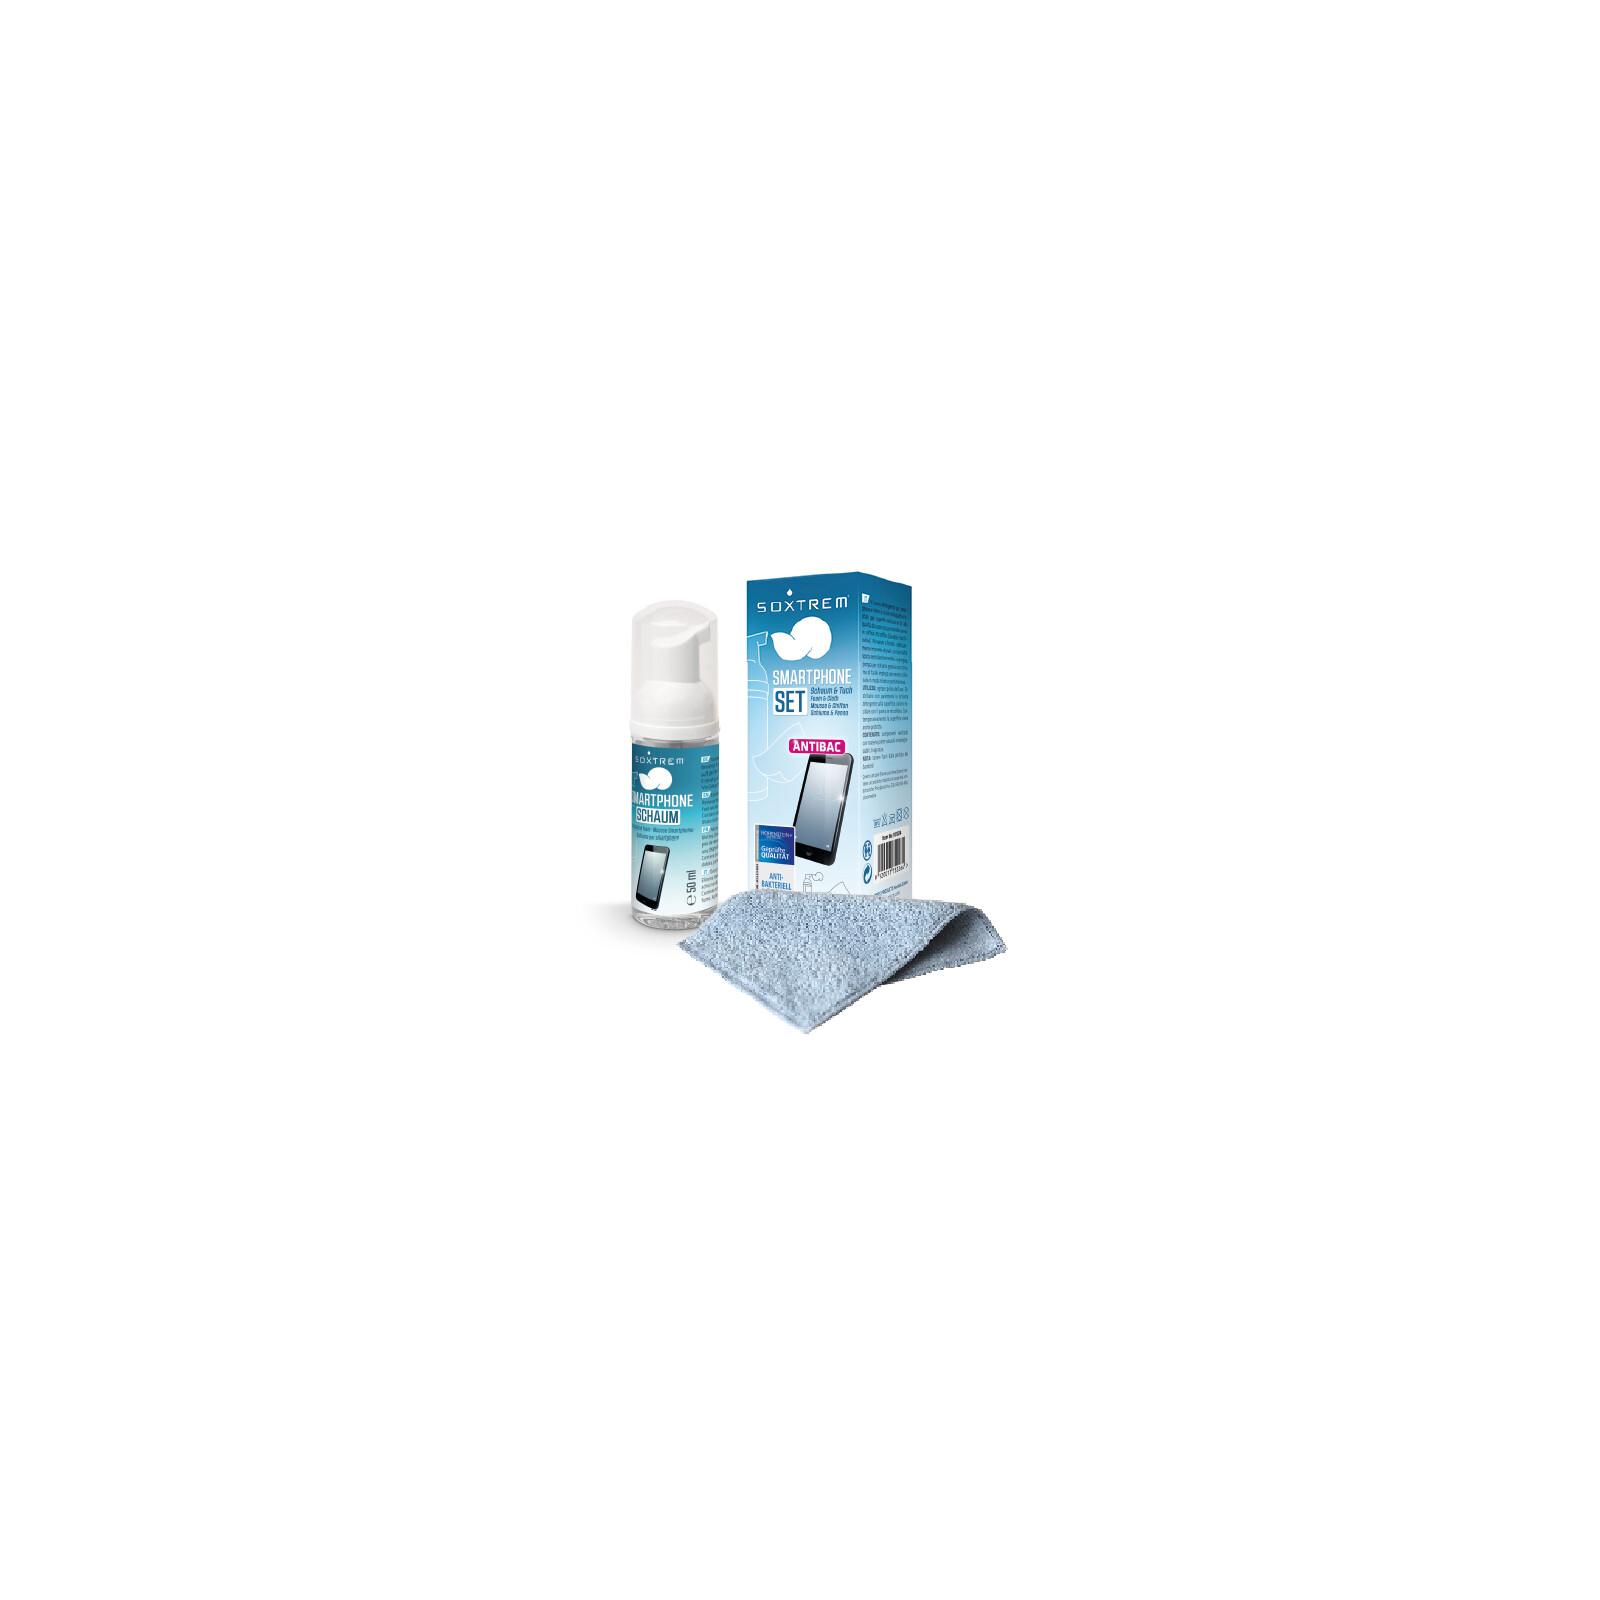 Merx Soxtrem Bildschirm Reinigungsset - Schaum und Tuch